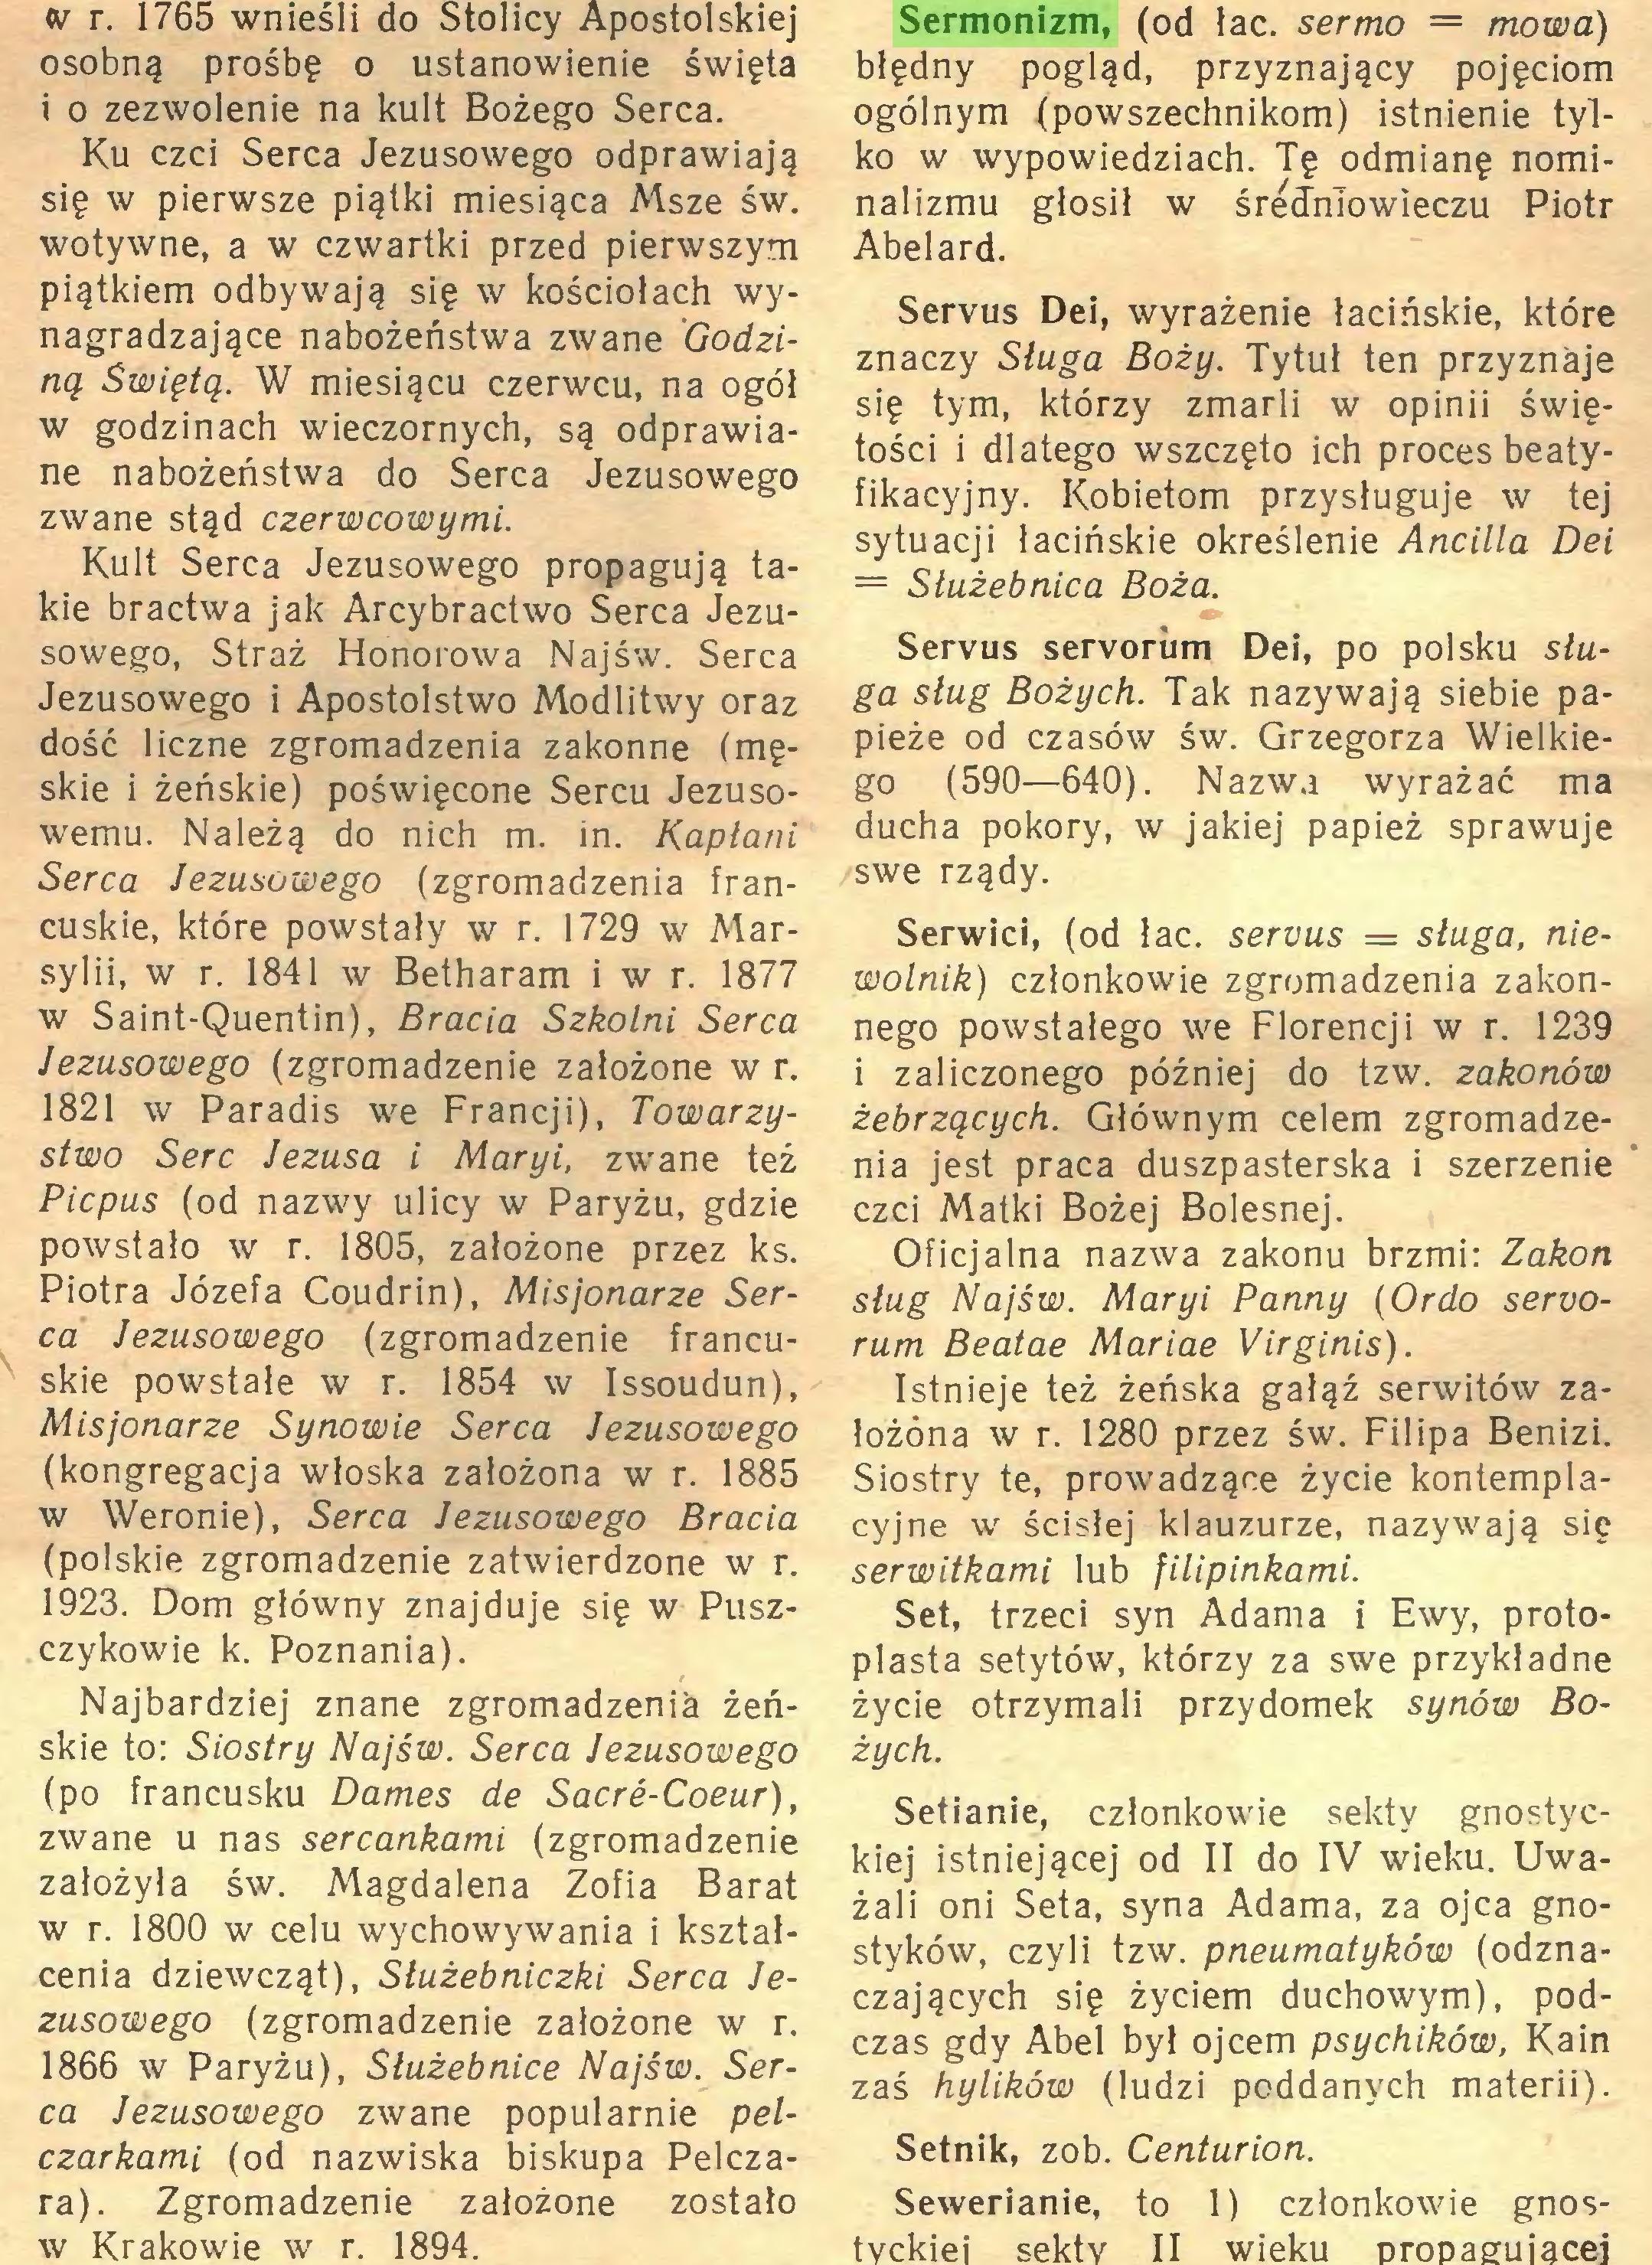 (...) 1866 w Paryżu), Służebnice Najśw. Serca Jezusowego zwane popularnie pelczarkami (od nazwiska biskupa Pelczara). Zgromadzenie założone zostało w Krakowie w r. 1894. Sermonizm, (od łac. sermo = mowa) błędny pogląd, przyznający pojęciom ogólnym (powszechnikom) istnienie tylko w wypowiedziach. Tę odmianę nominal izmu głosił w średniowieczu Piotr Abelard...